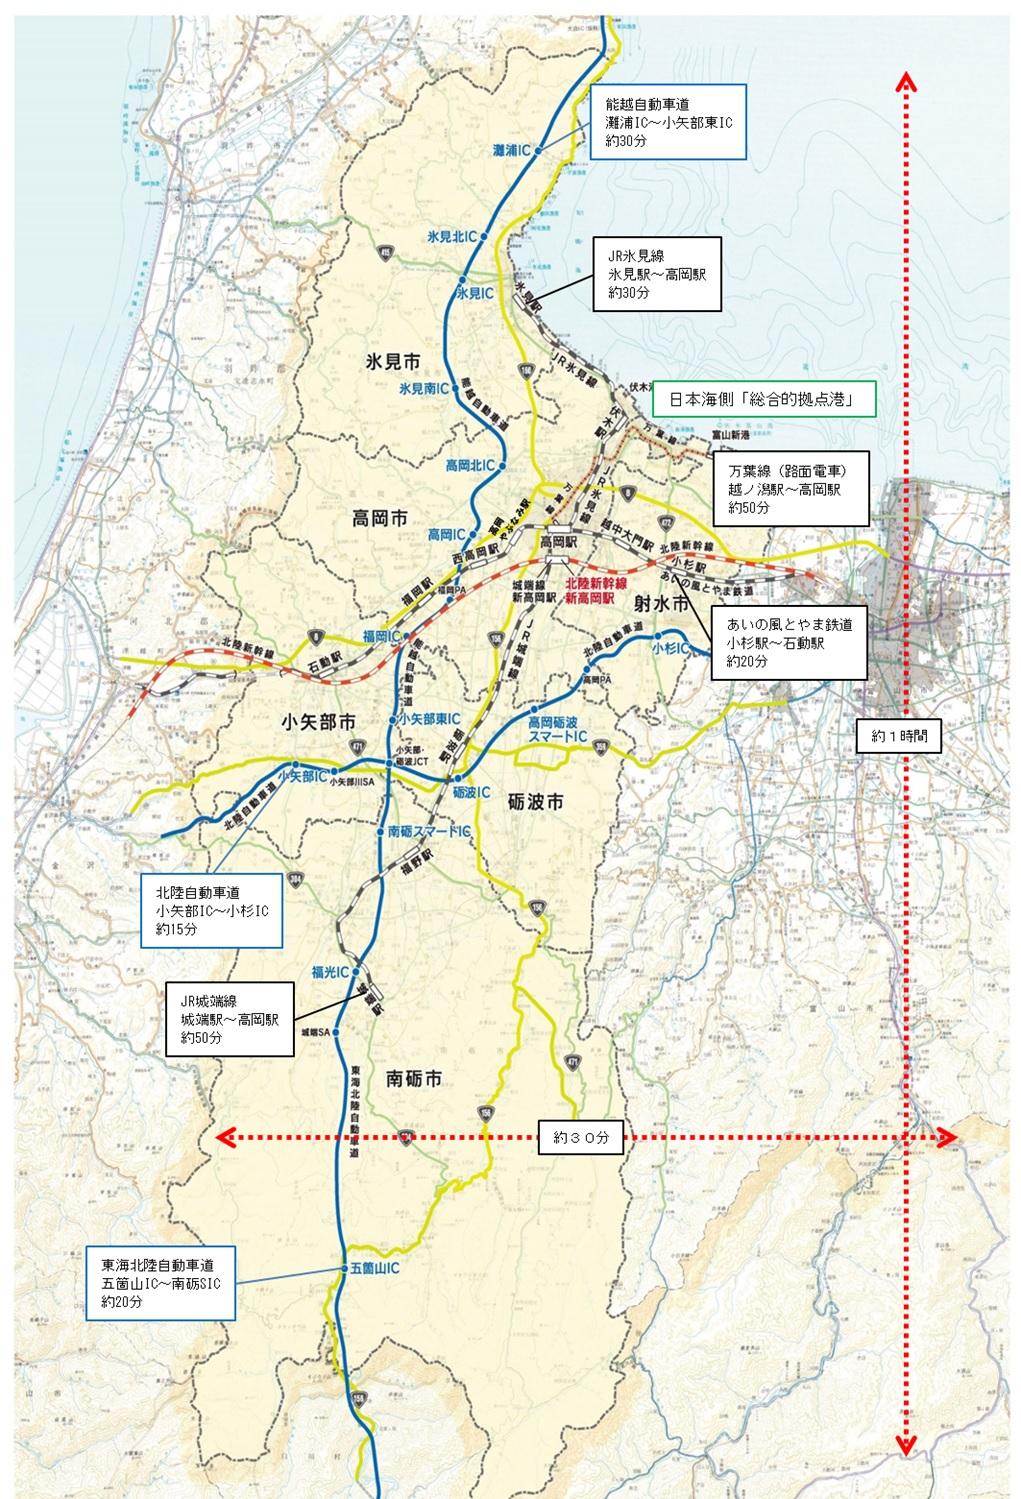 圏域の道路・鉄軌道等ネットワークの状況